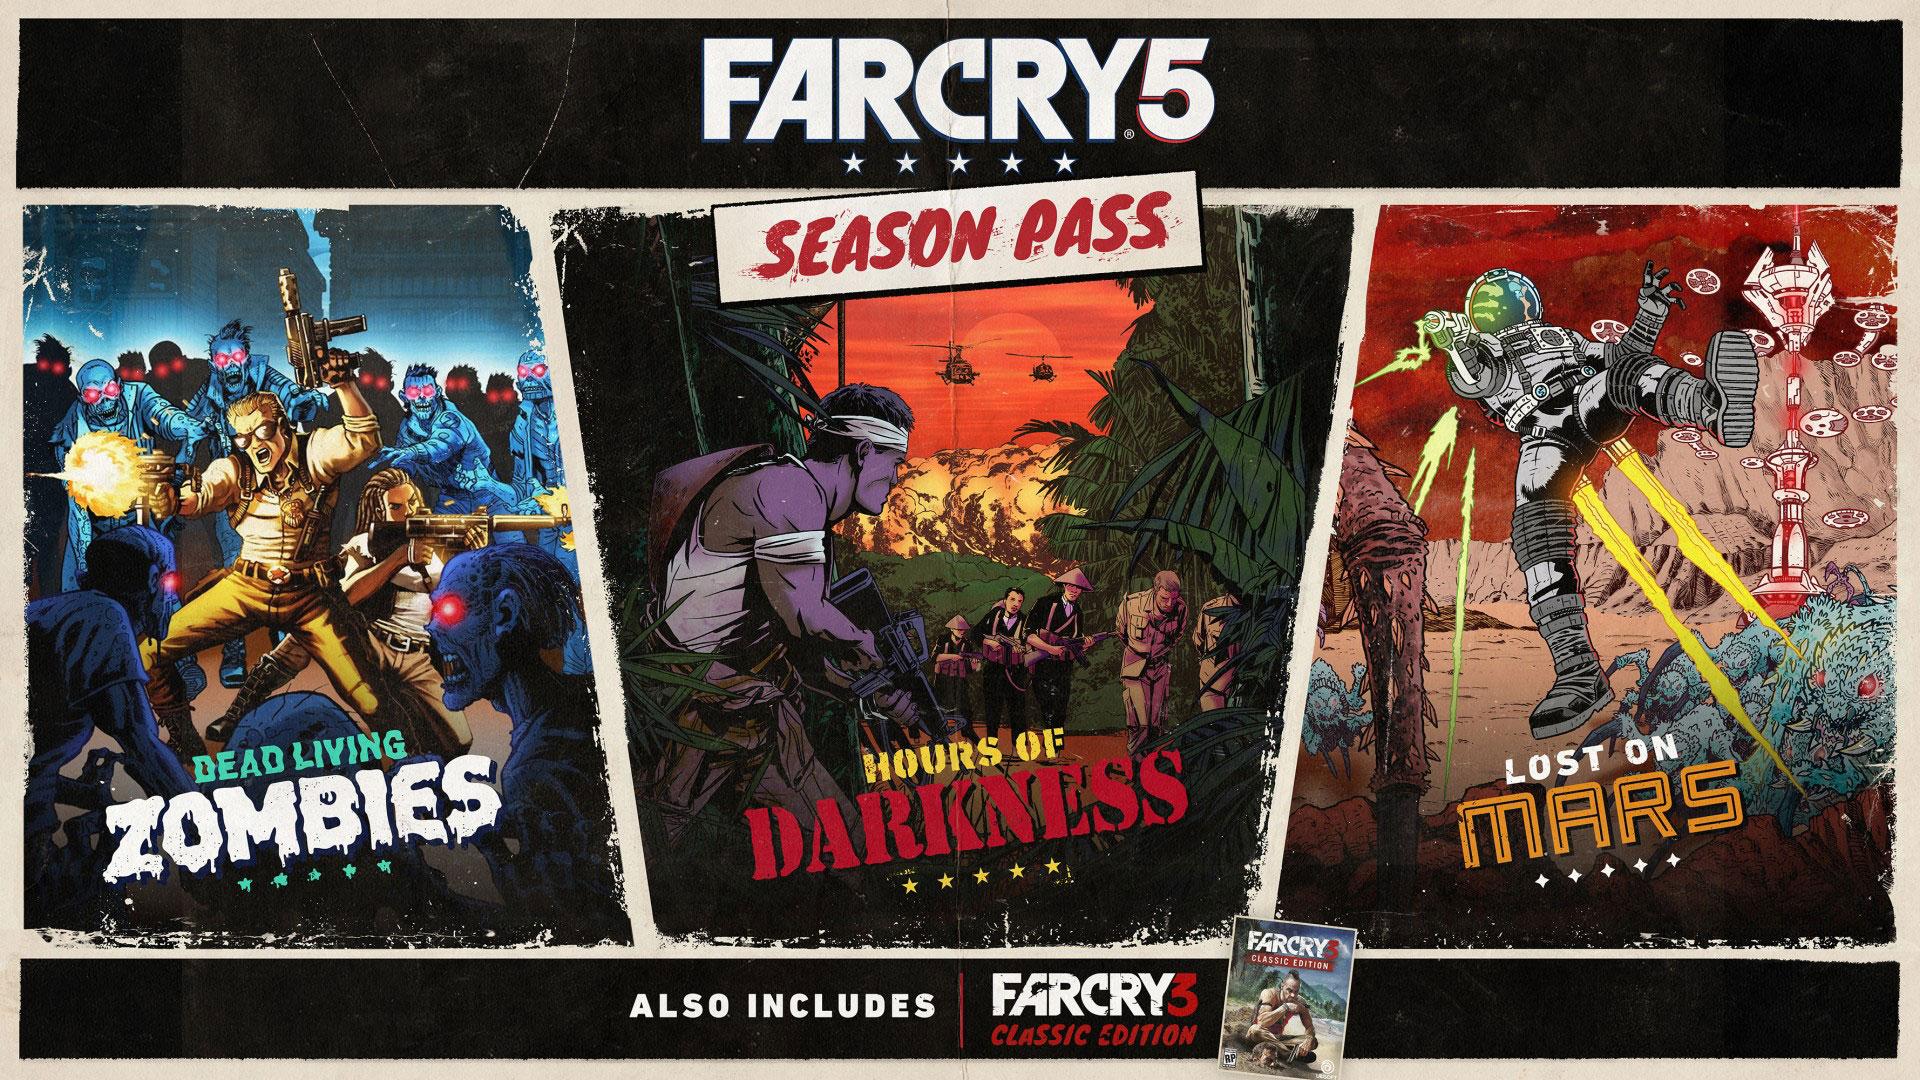 """Alle drei Zusatz-Inhalte für """"FarCry 5"""" sind Teil des Season-Passes und orientieren sich inszenatorisch an verschiedenen B-Movies. Welches Genre das noch ausstehende Add-On """"Dead Living Zombies"""" bedient, ist unschwer zu erkennen."""